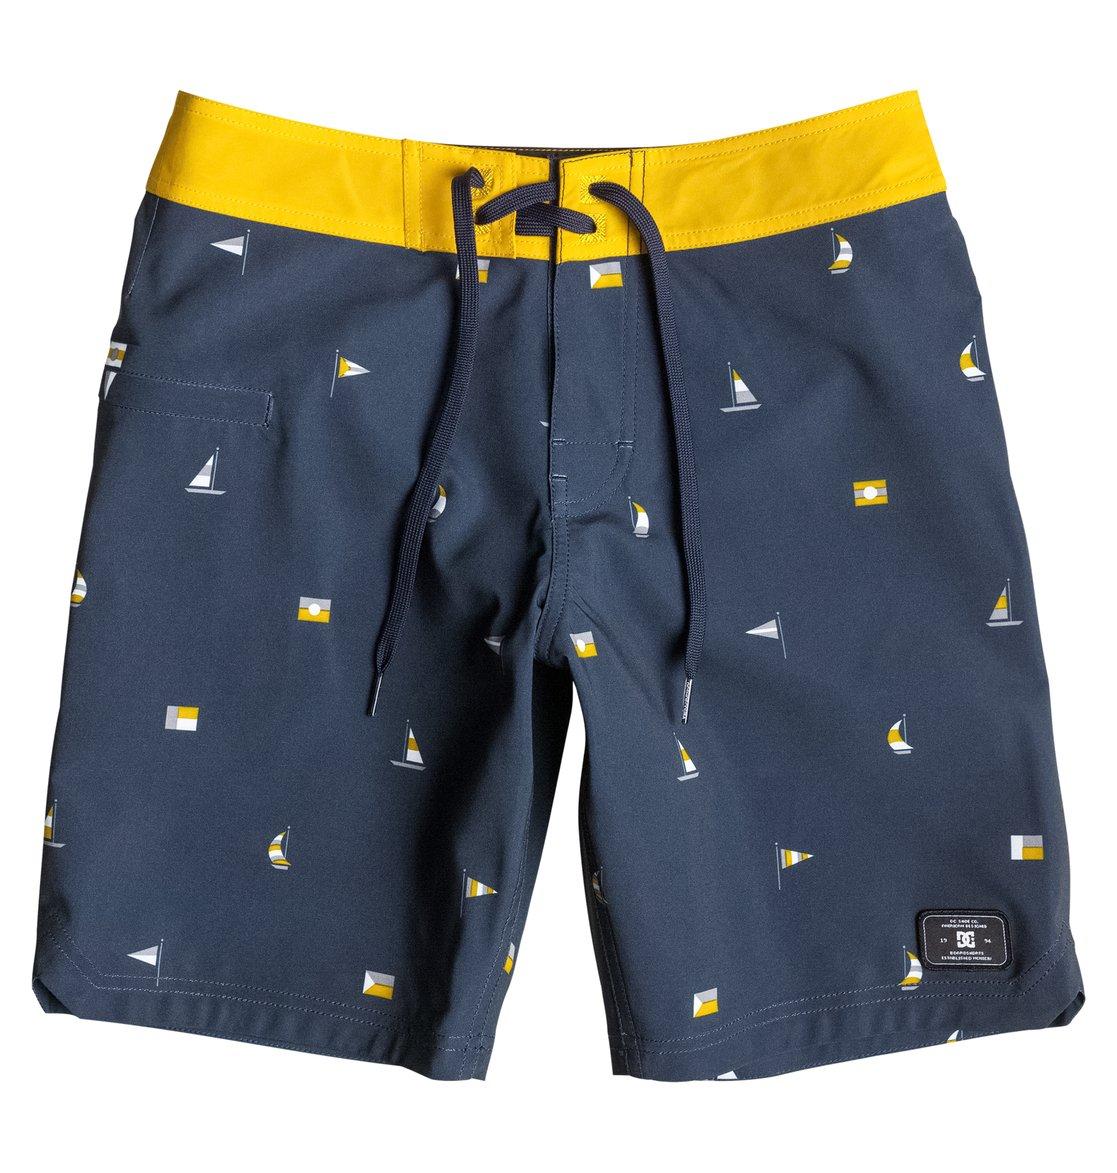 Здесь можно купить   Downburst - Board Shorts Новые поступления